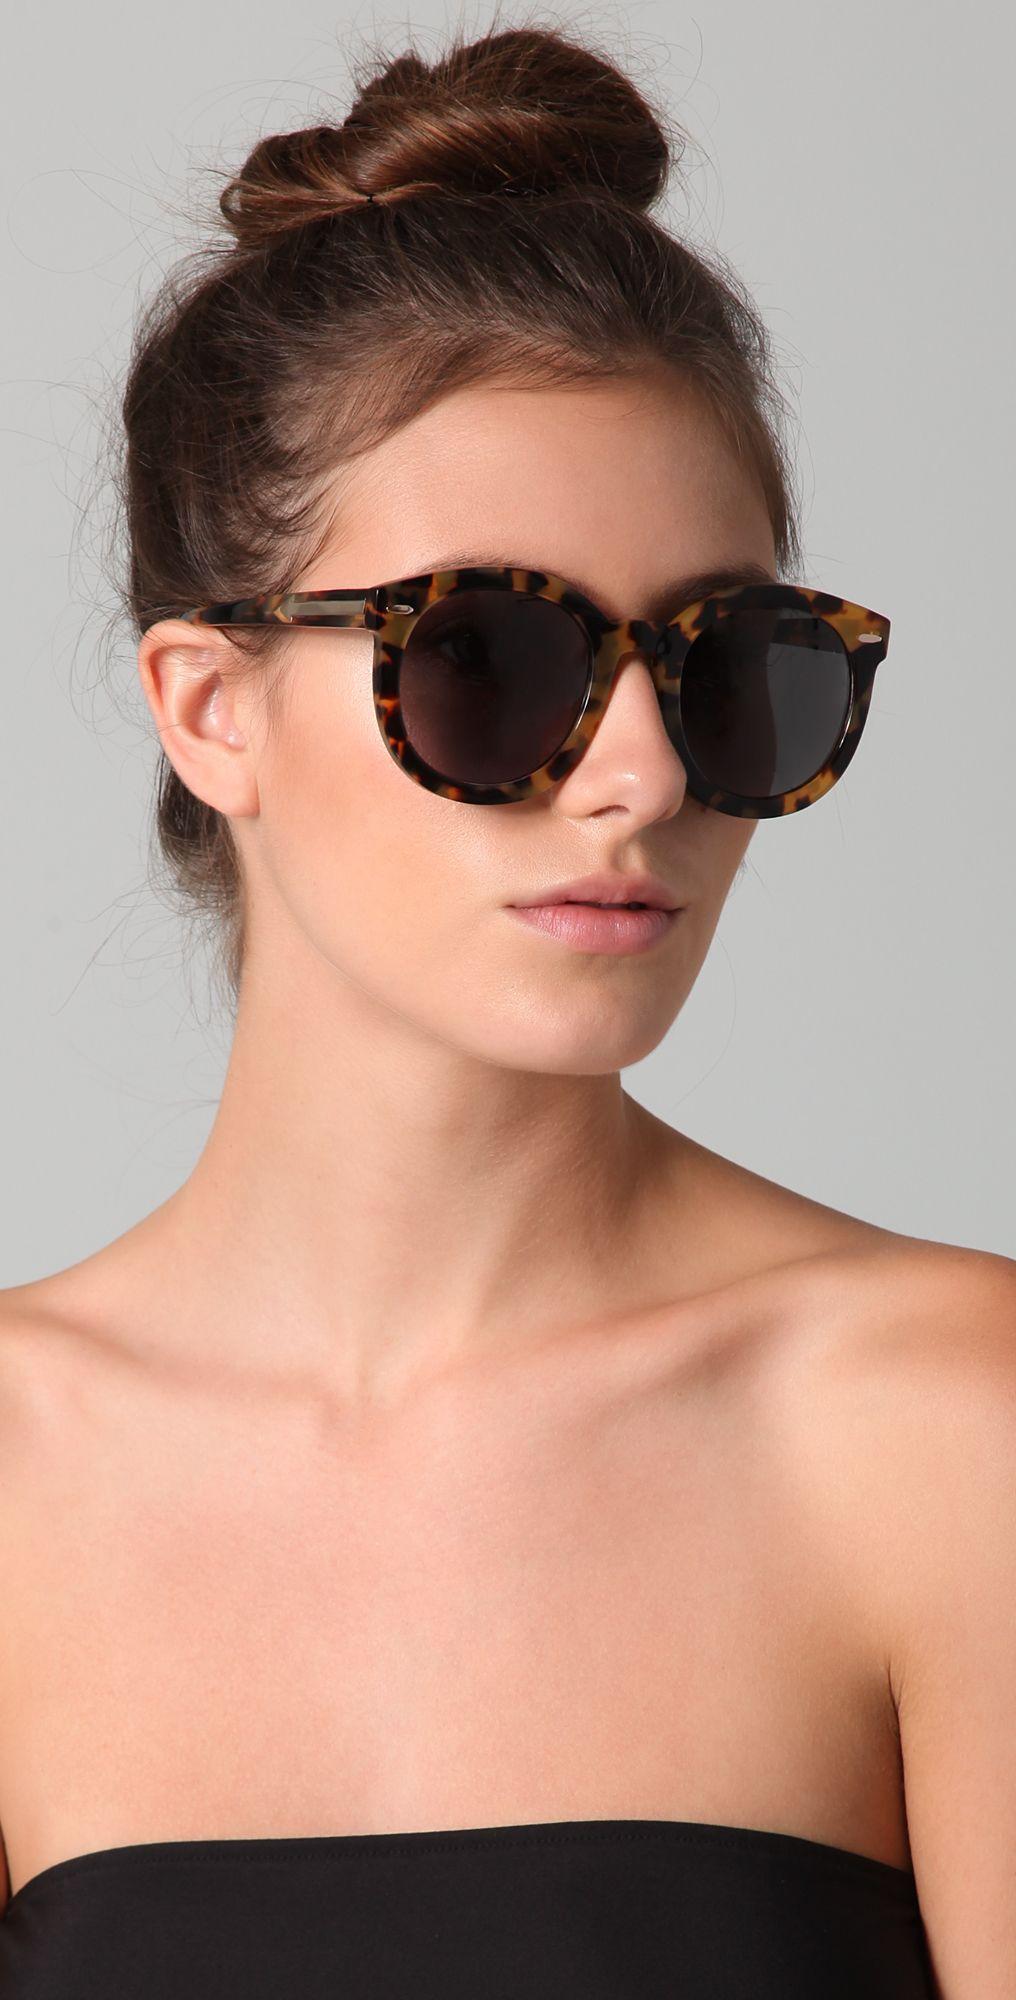 8199495b7d Karen Walker Super Duper Strength Sunglasses in Tortoise